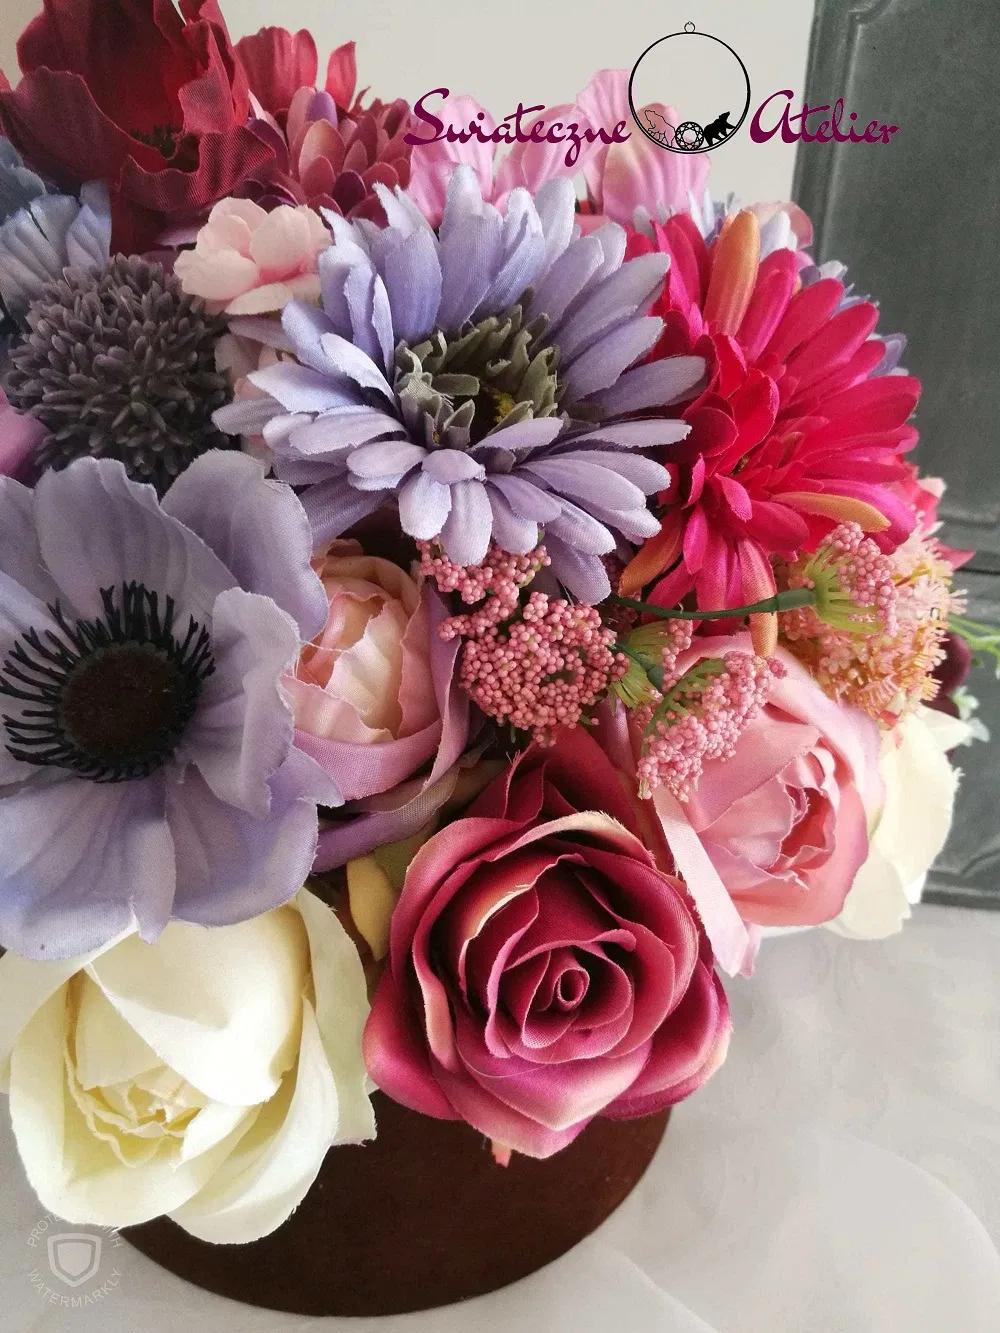 Boks Z Kwiatami Wrzesniowa Slodycz Swiateczne Atelier Flower Boxes Flowers Plants